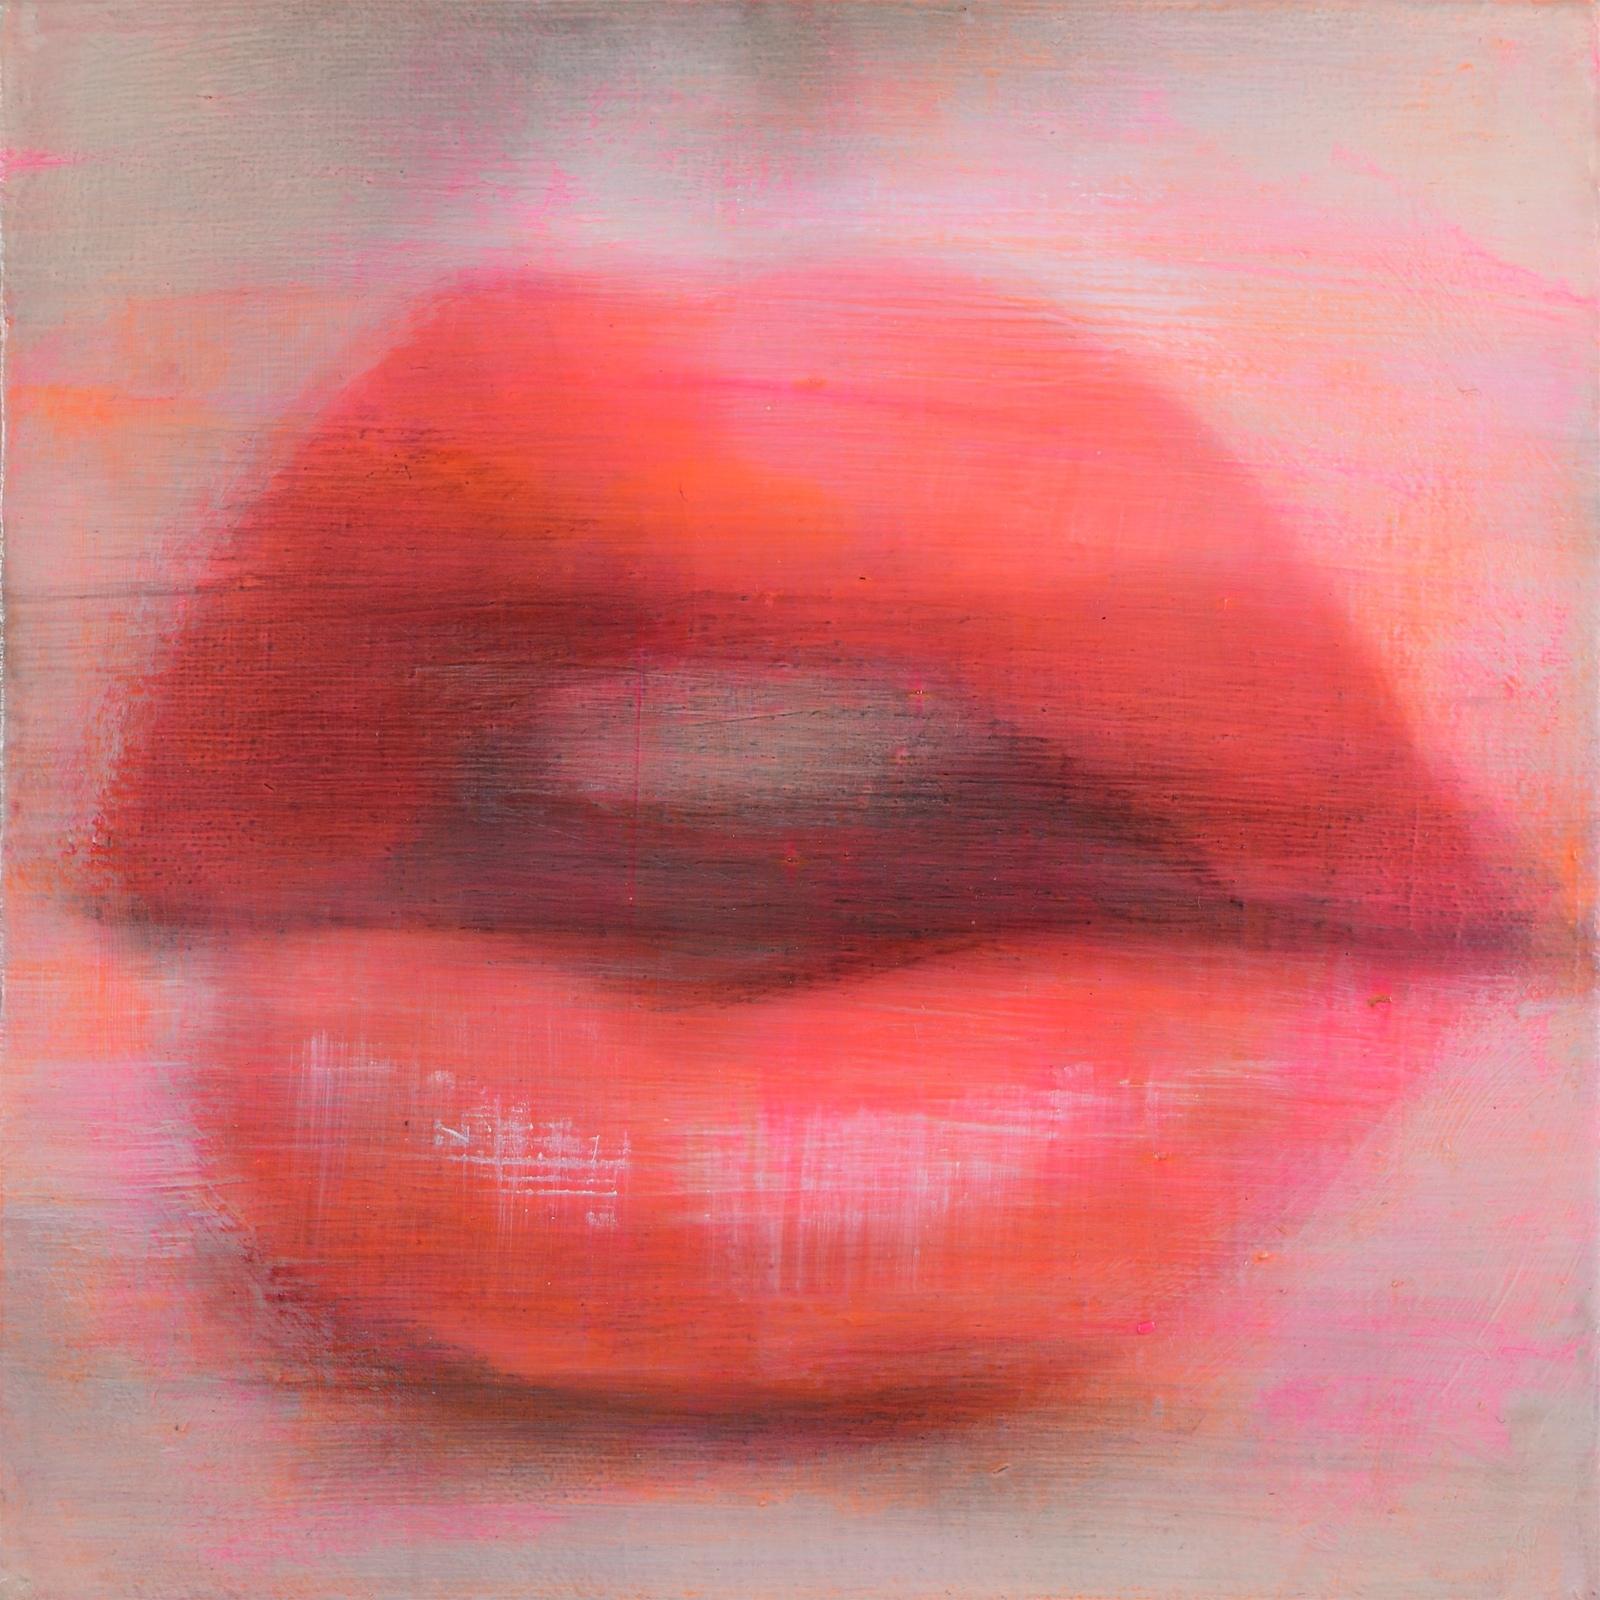 Lipstick 10  by Tadeusz Biernot